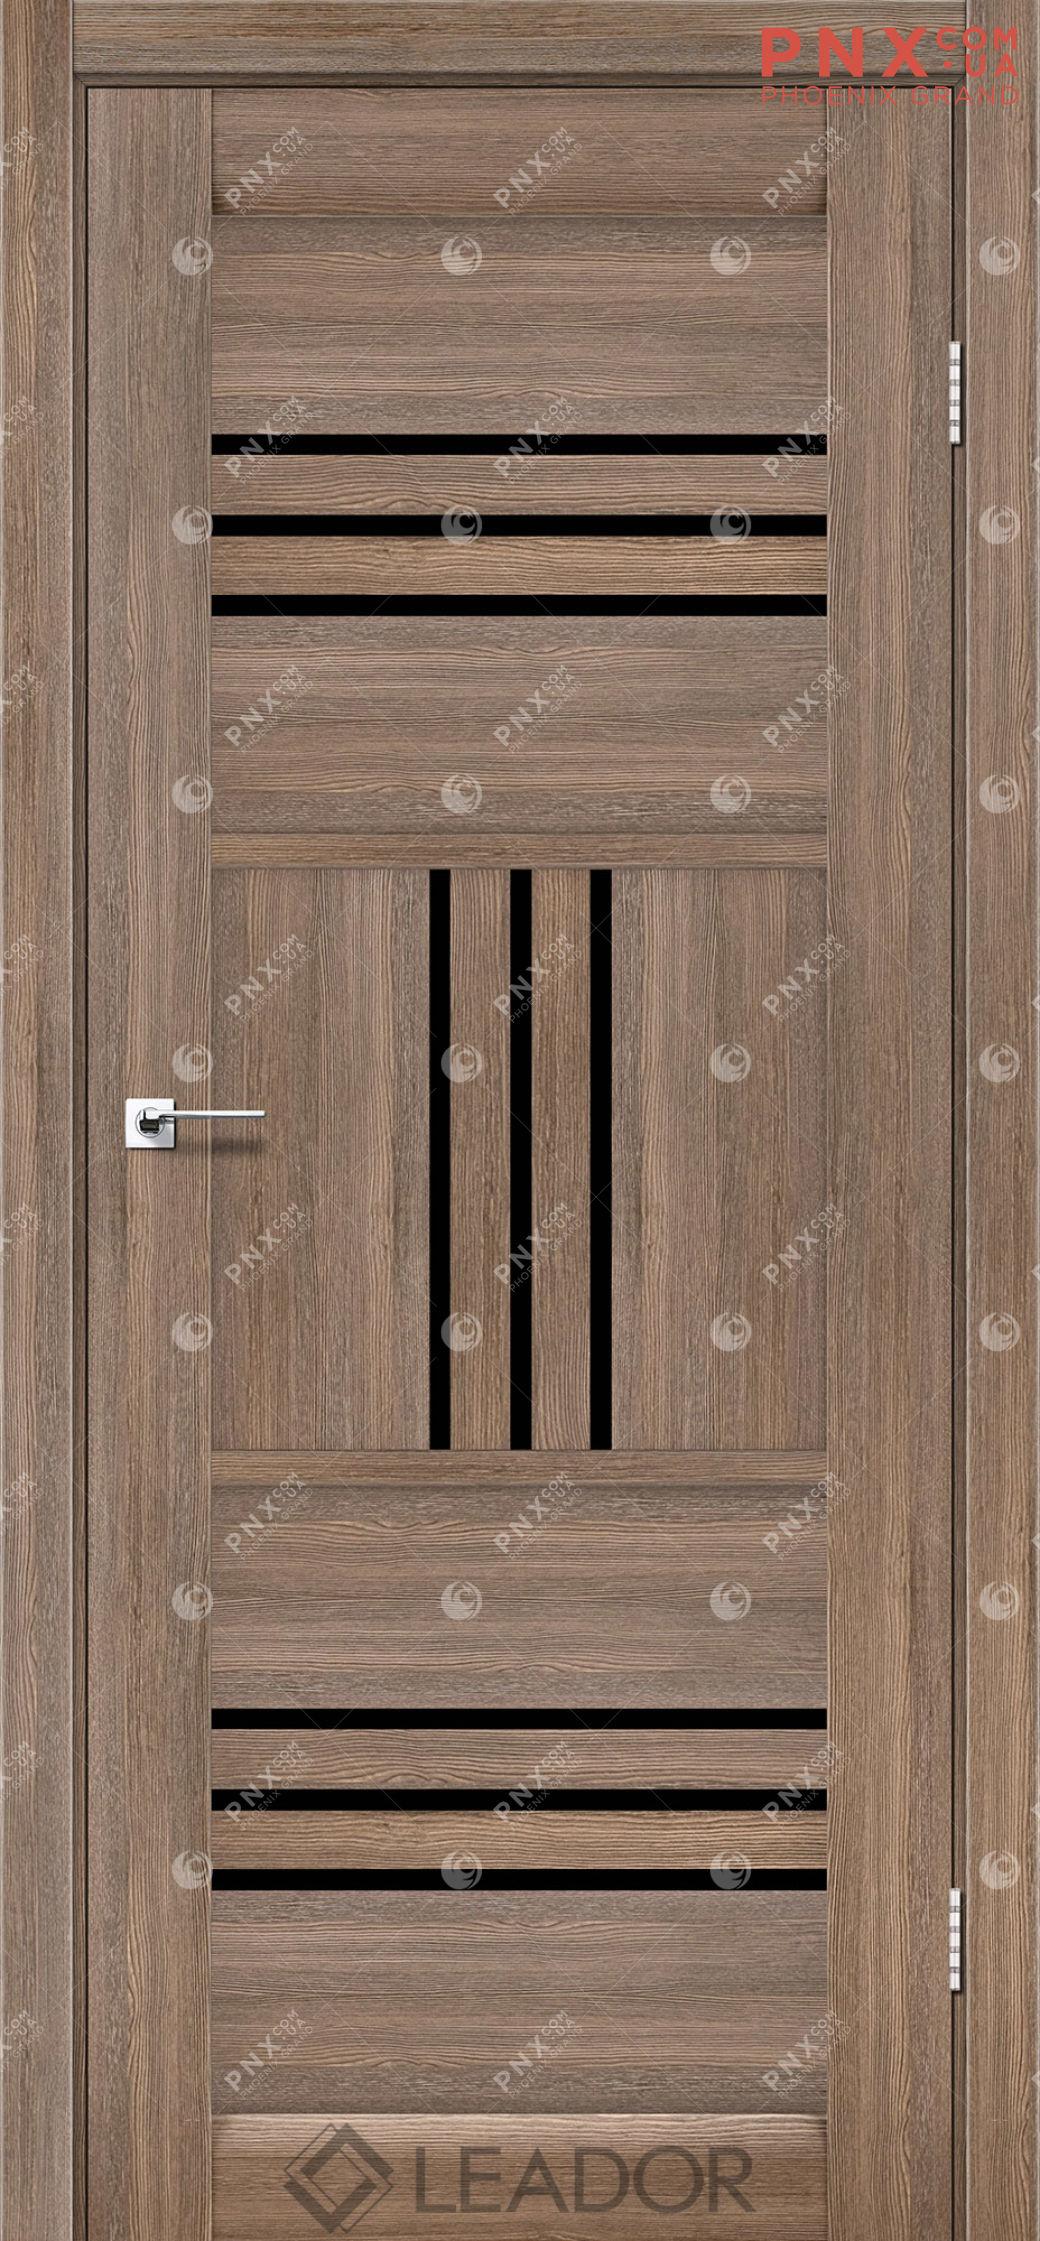 Межкомнатная дверь LEADOR Gela, Серое дерево, Черное стекло